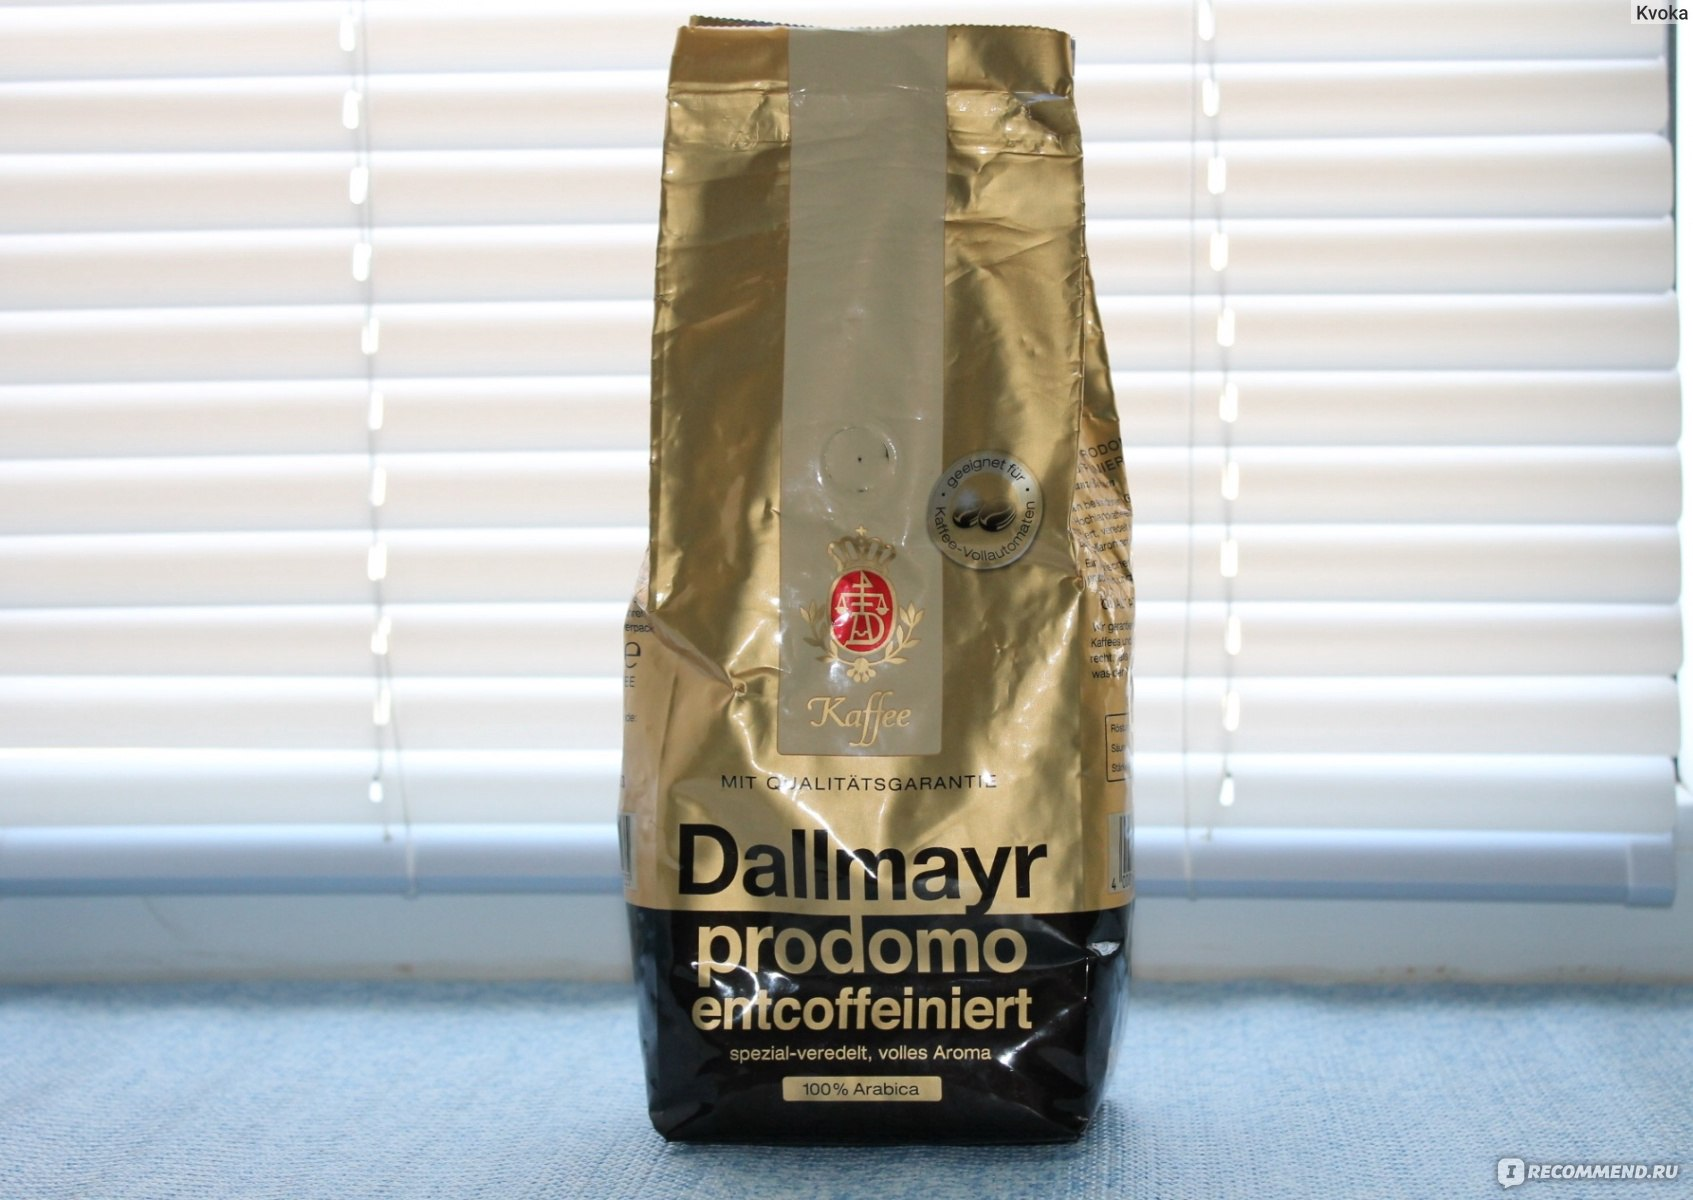 Марки кофе: список лучших известных брендов с фото и названиями